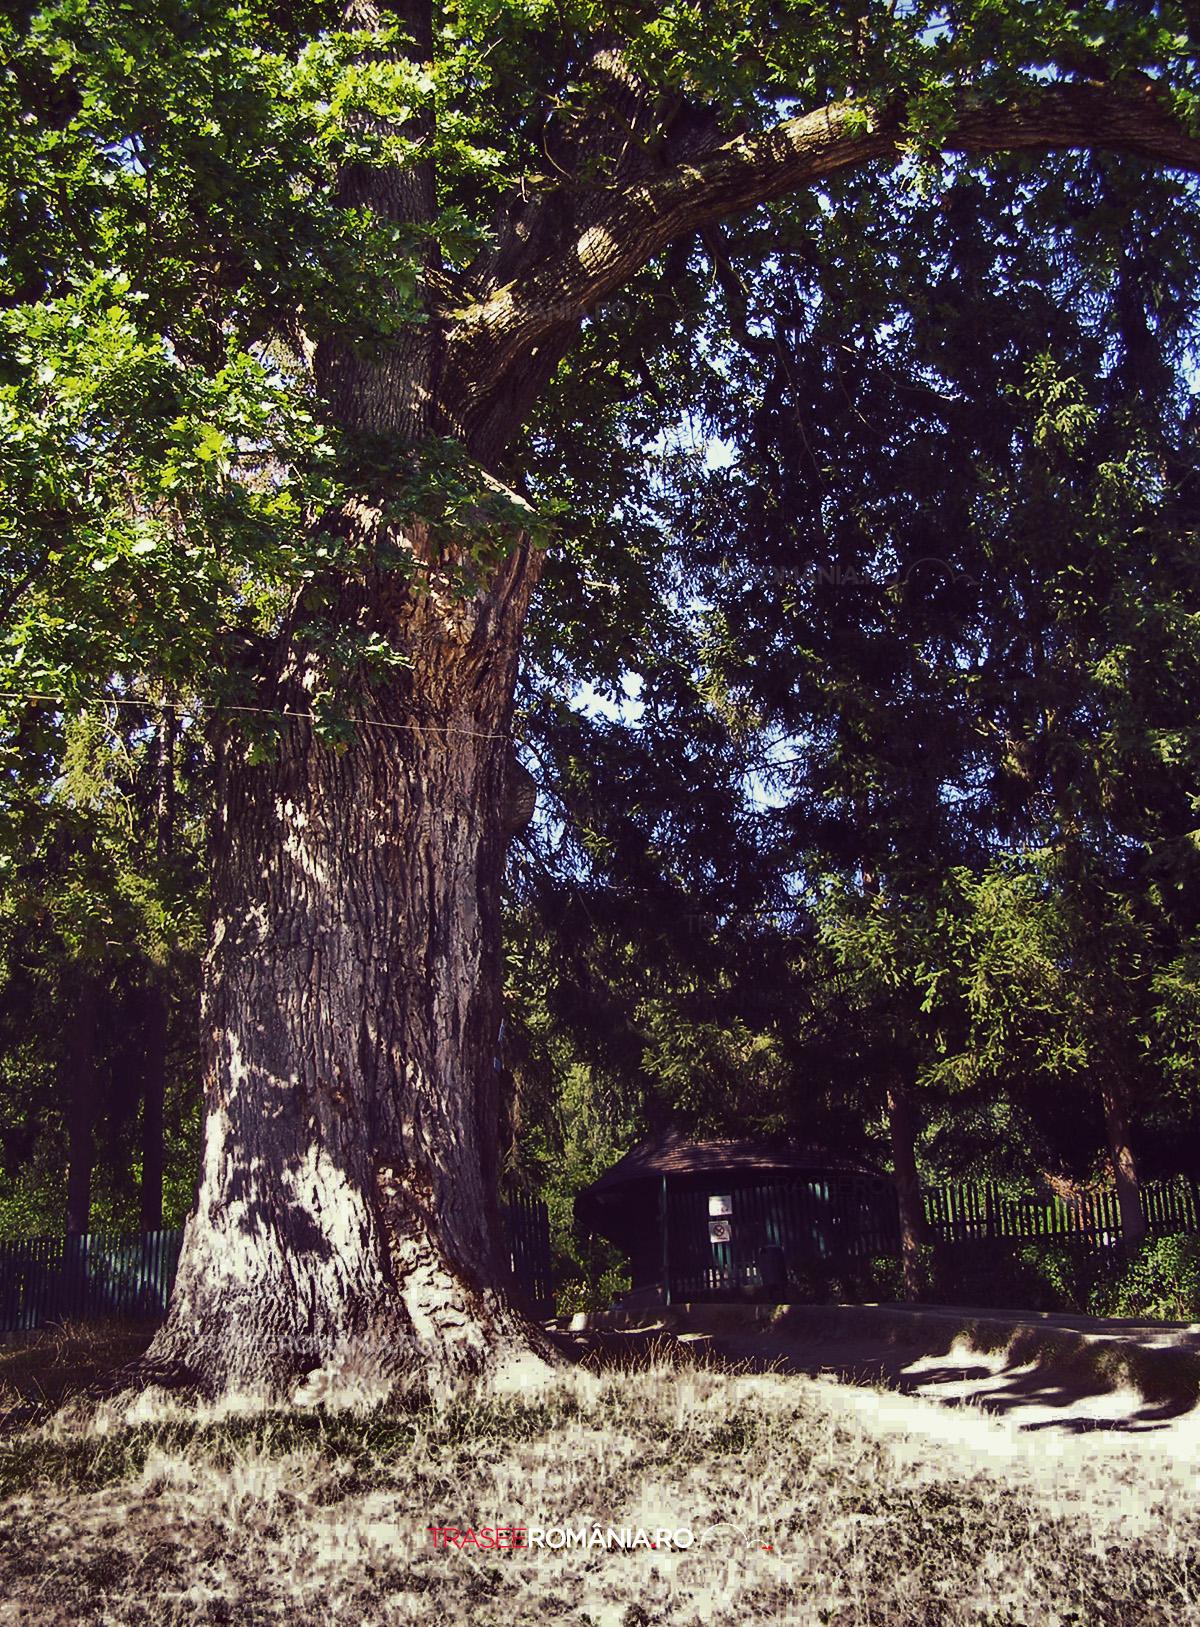 Stejarii seculari de la Manastirea dintr-un Lemn Valcea